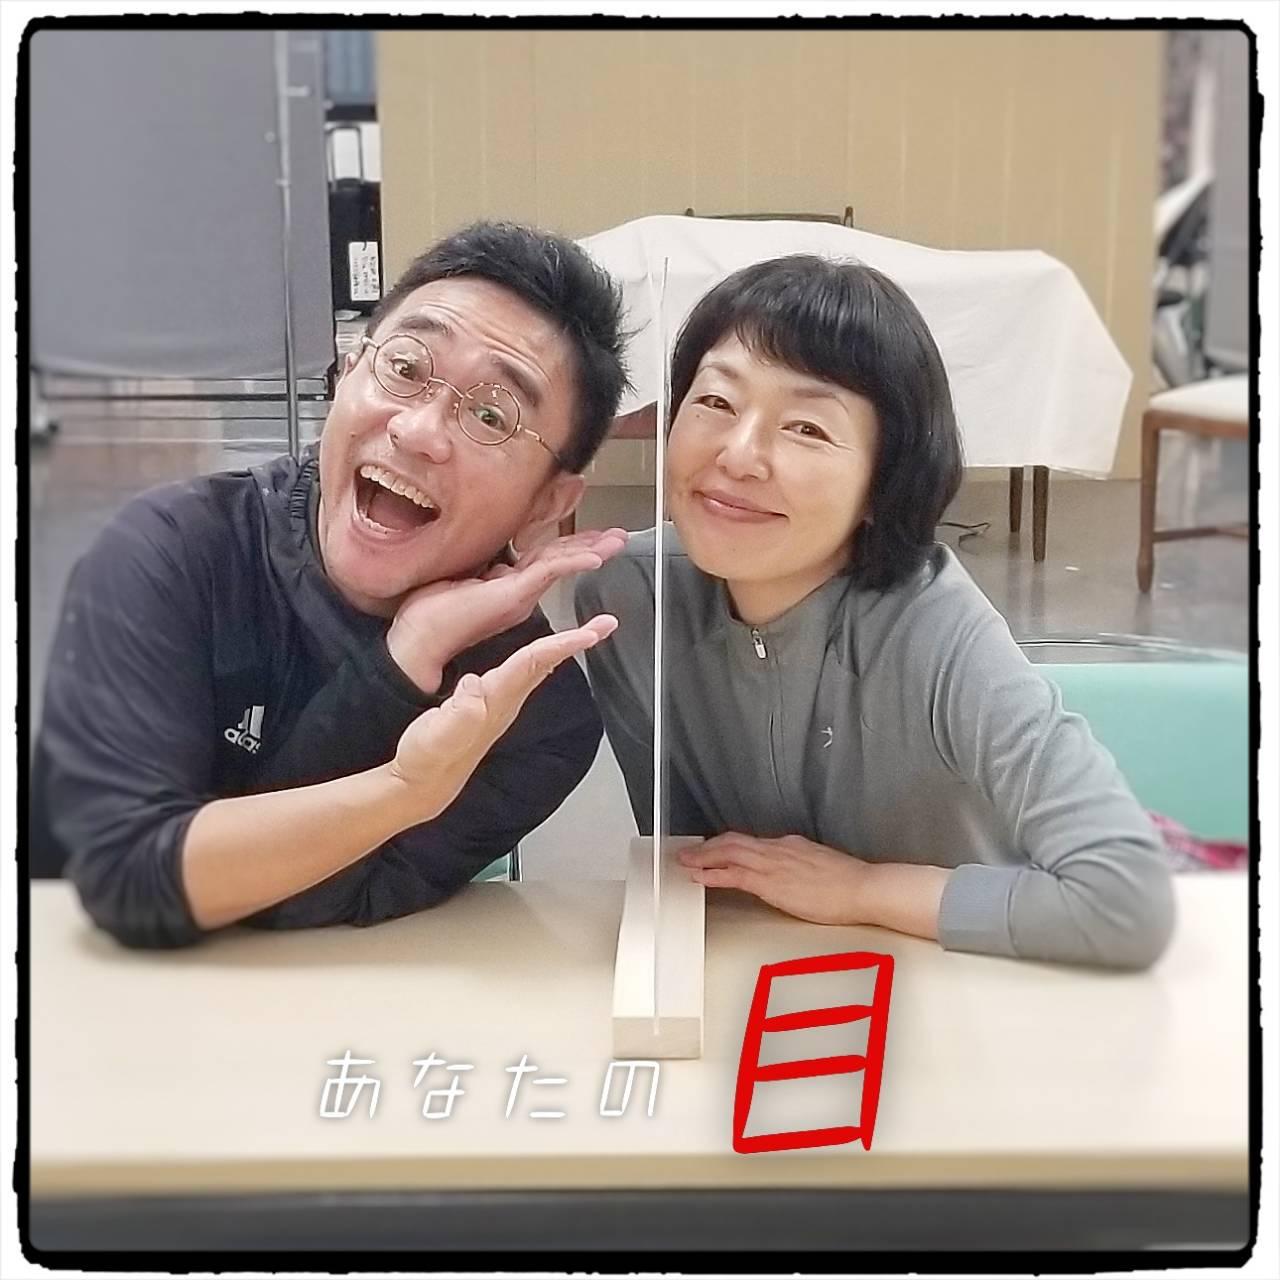 006「八嶋智人のYYY!八嶋のY!♡ゲストは小林聡美さん♡」